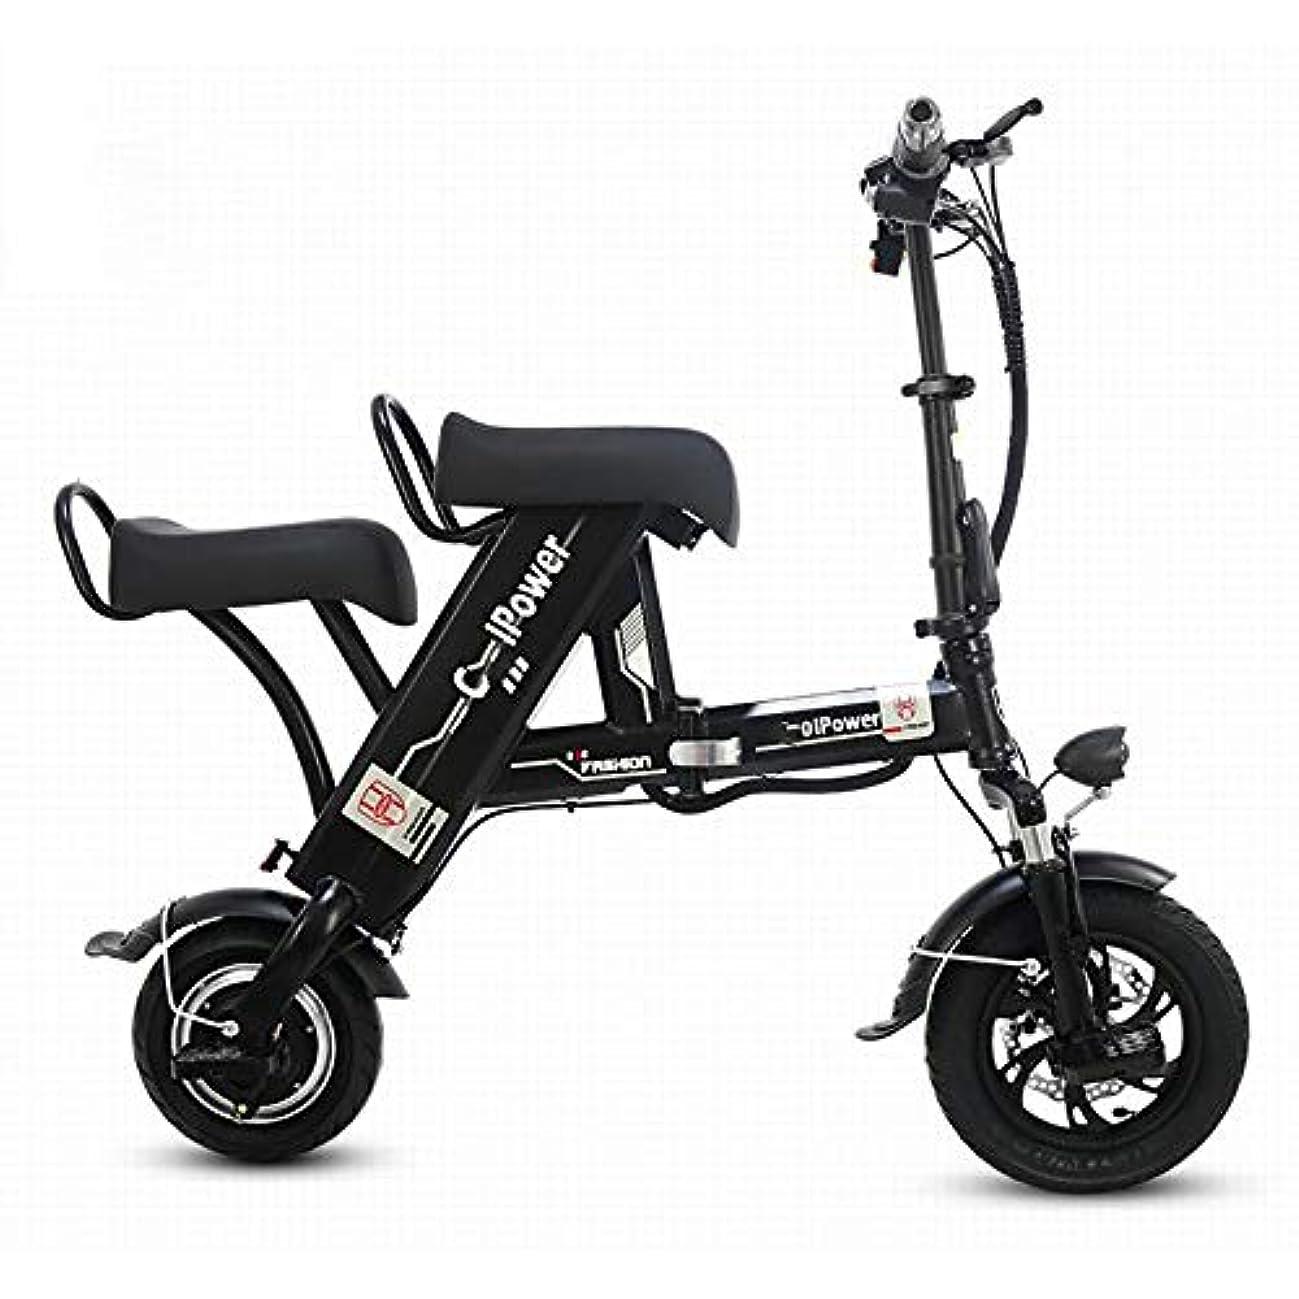 頭痛石灰岩啓示ダブル電動自転車、カップルに最適、500W折りたたみ式ポータブル電動スクーター、衝撃吸収快適シート、250kg真空タイヤ、旅行に最適